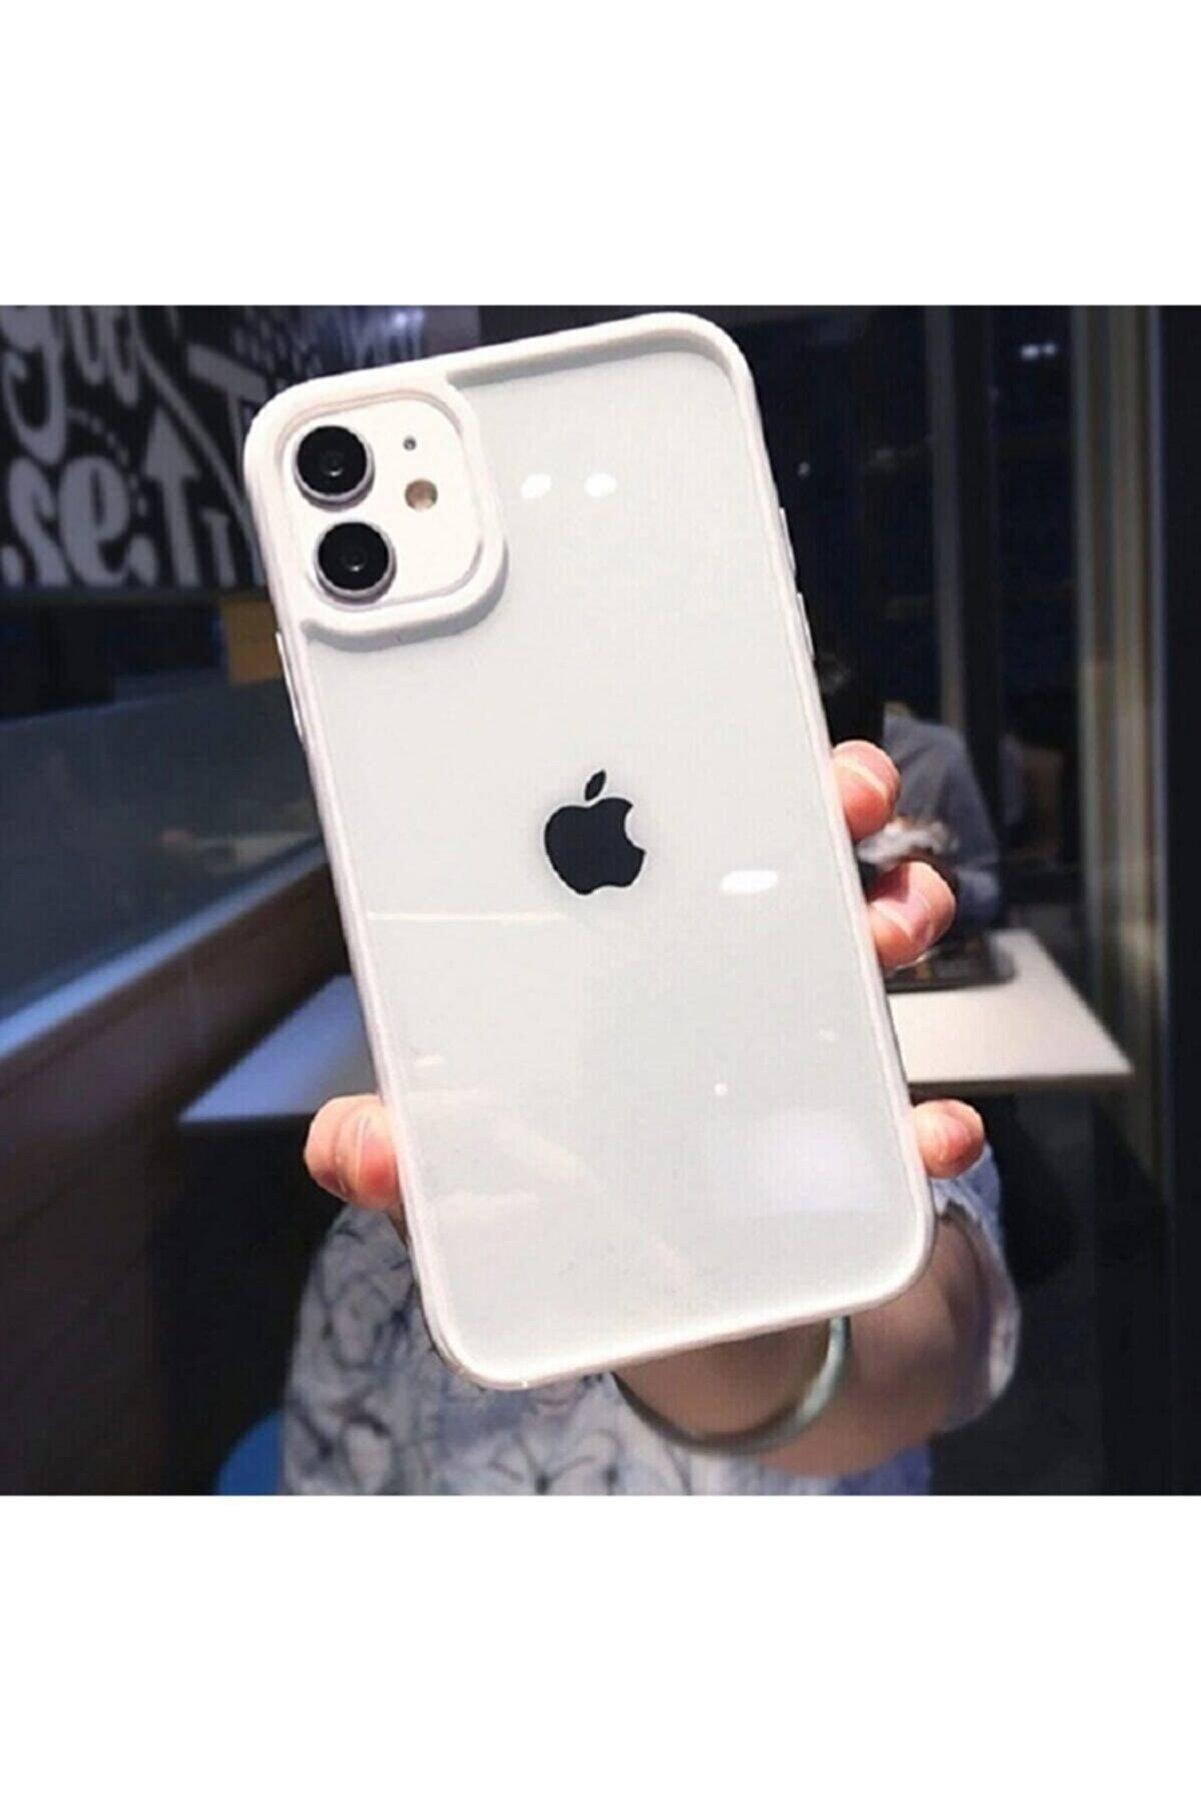 Go Aksesuar Apple Iphone 11 Uyumlu Kenarı Beyaz Renkli Darbe Önleyici Şeffaf Silikon Kılıf